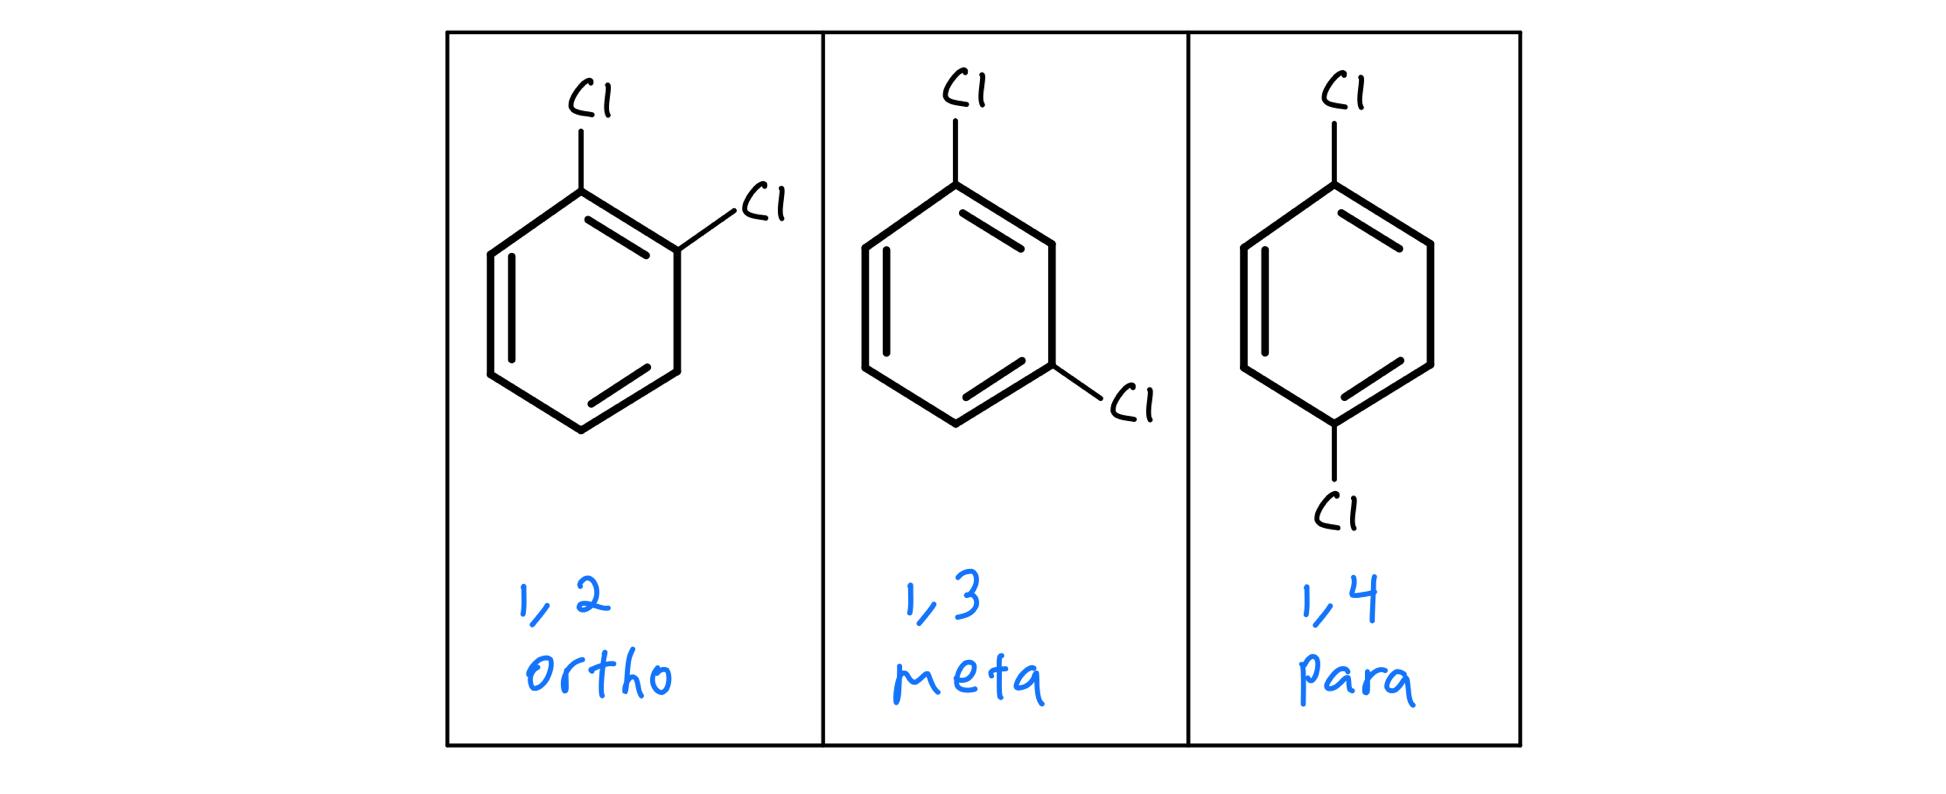 ortho-meta-and-para-dichlorobenzene